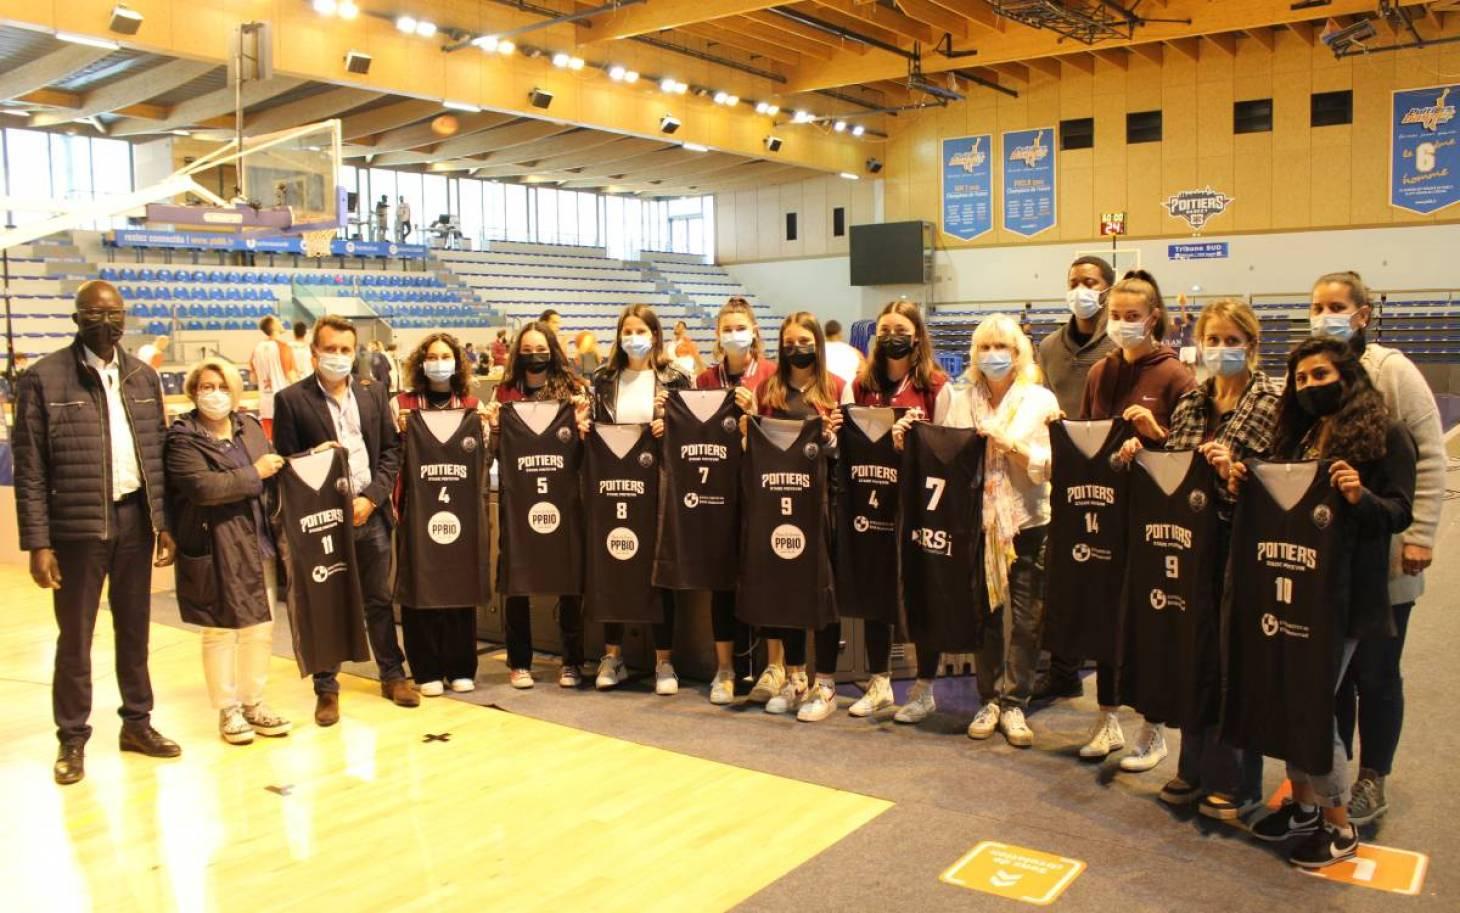 A Poitiers, le basket féminin en voie de développement